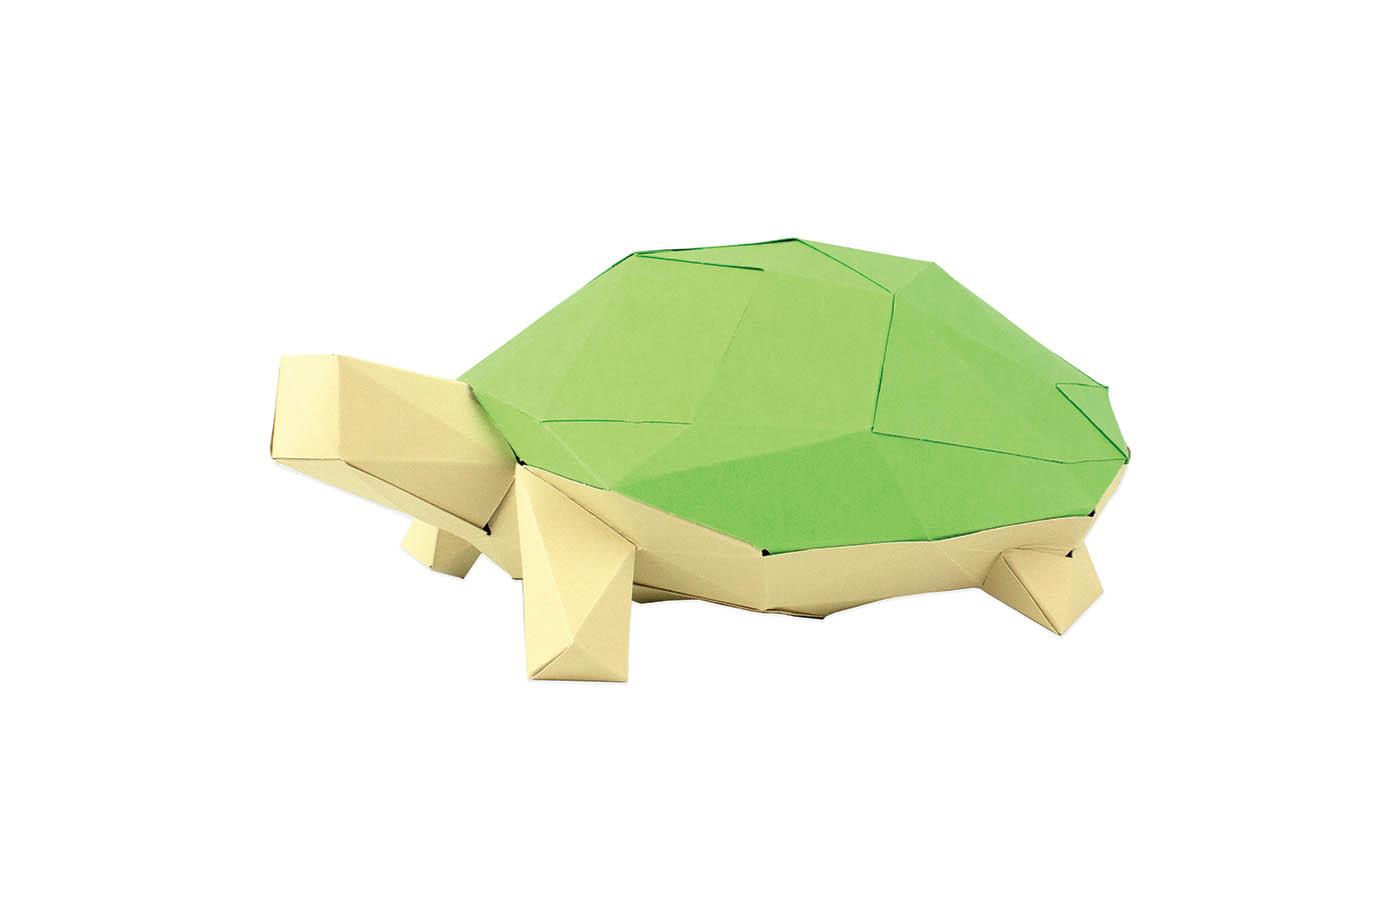 Tortue en papier 3D 13 3760271839651